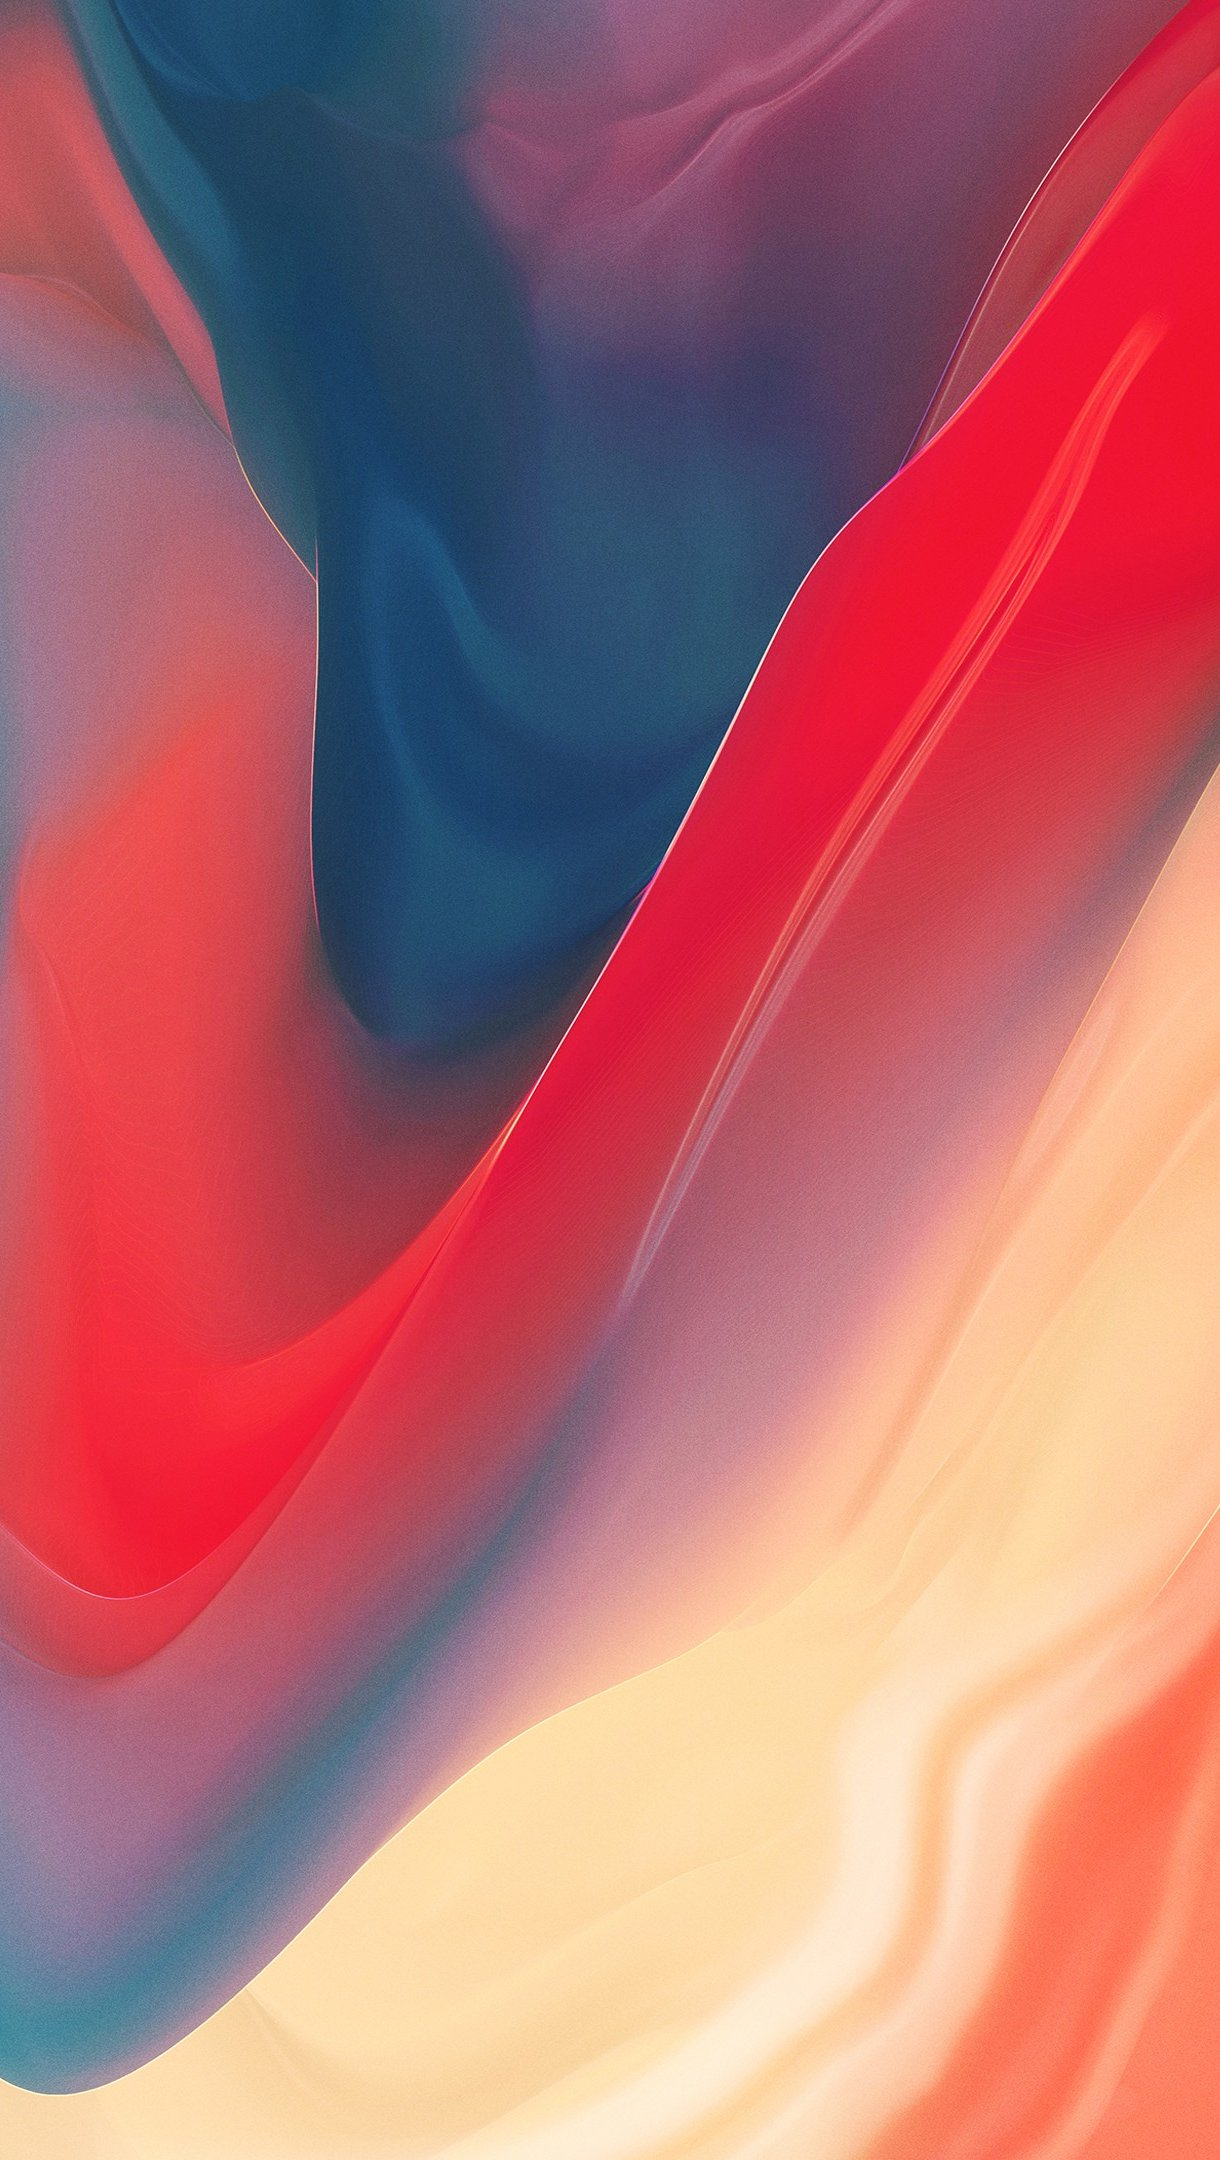 Fondos de pantalla Volcan roja abstracta Vertical